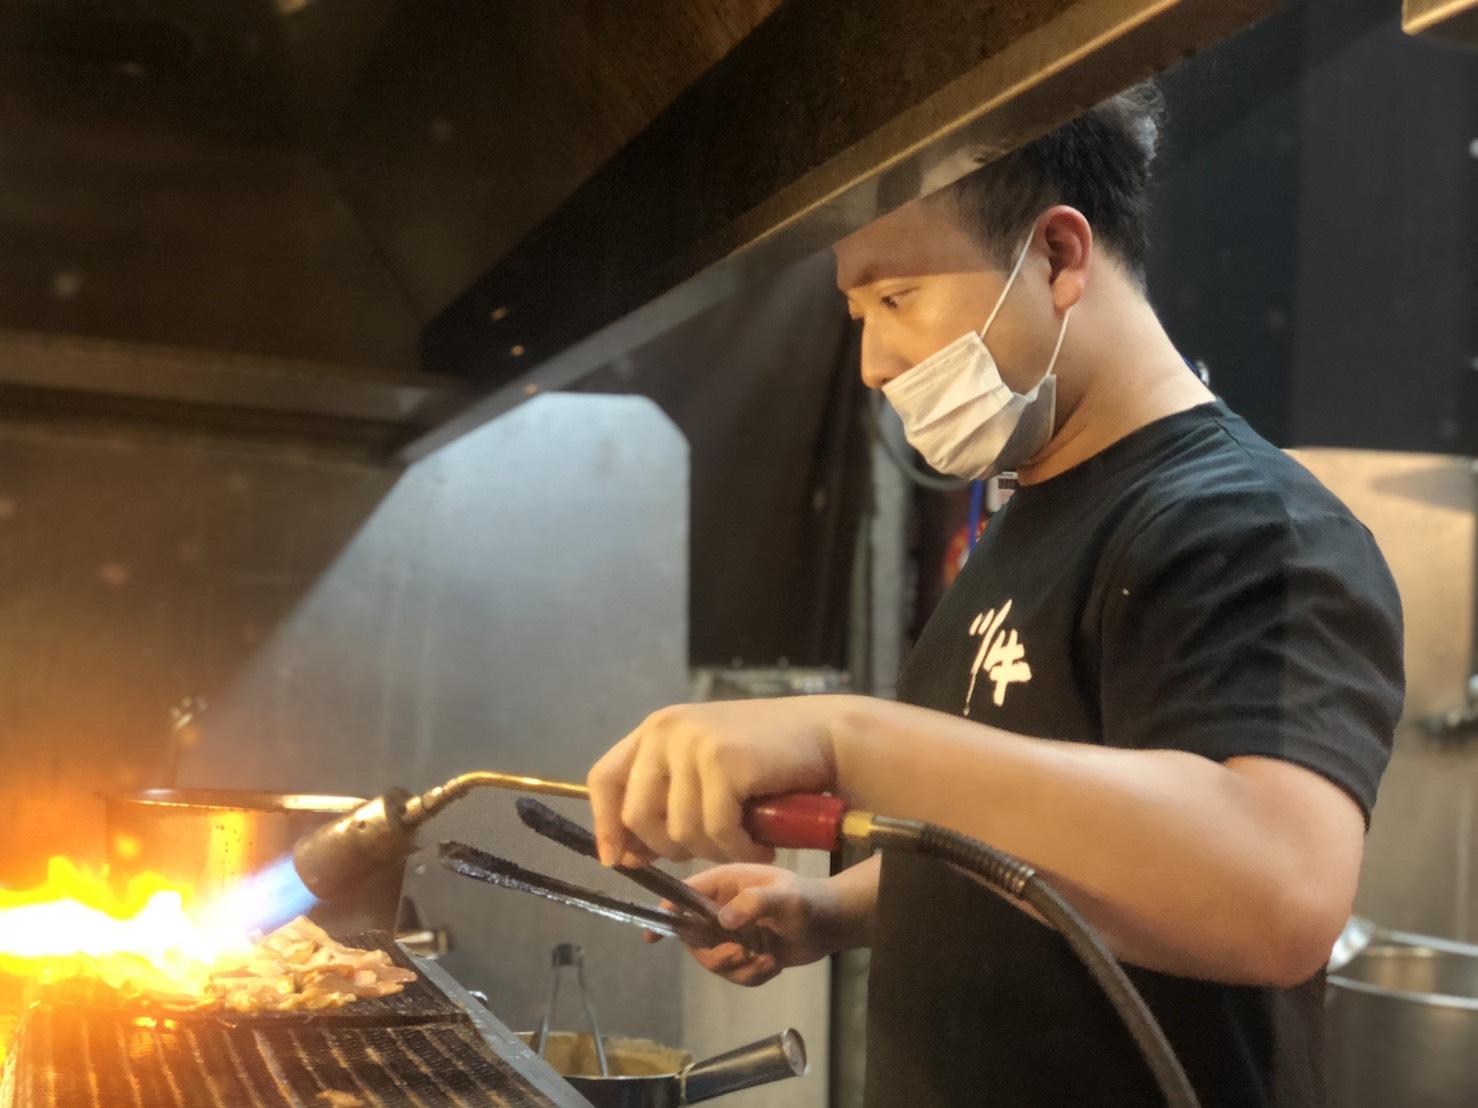 川牛木石亭加盟主Sam 拿起烤肉夾,加入川牛的團隊,專注學習,領軍攻佔北台灣市場